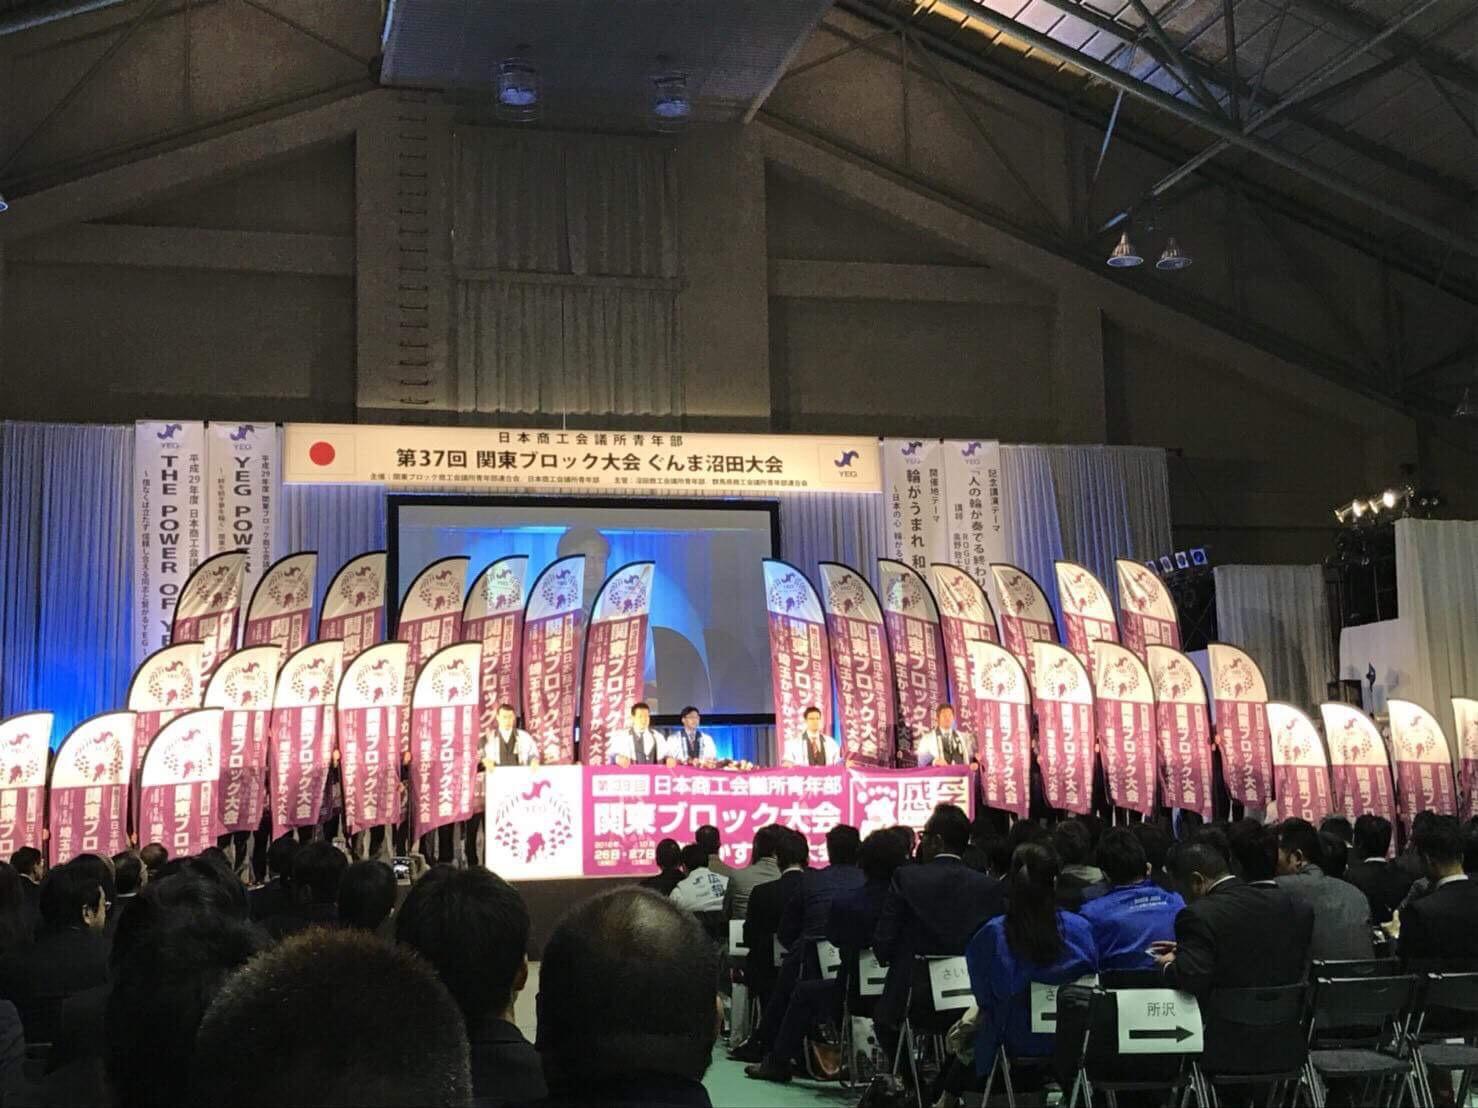 第37回関東ブロック大会(ぐんま沼田大会)